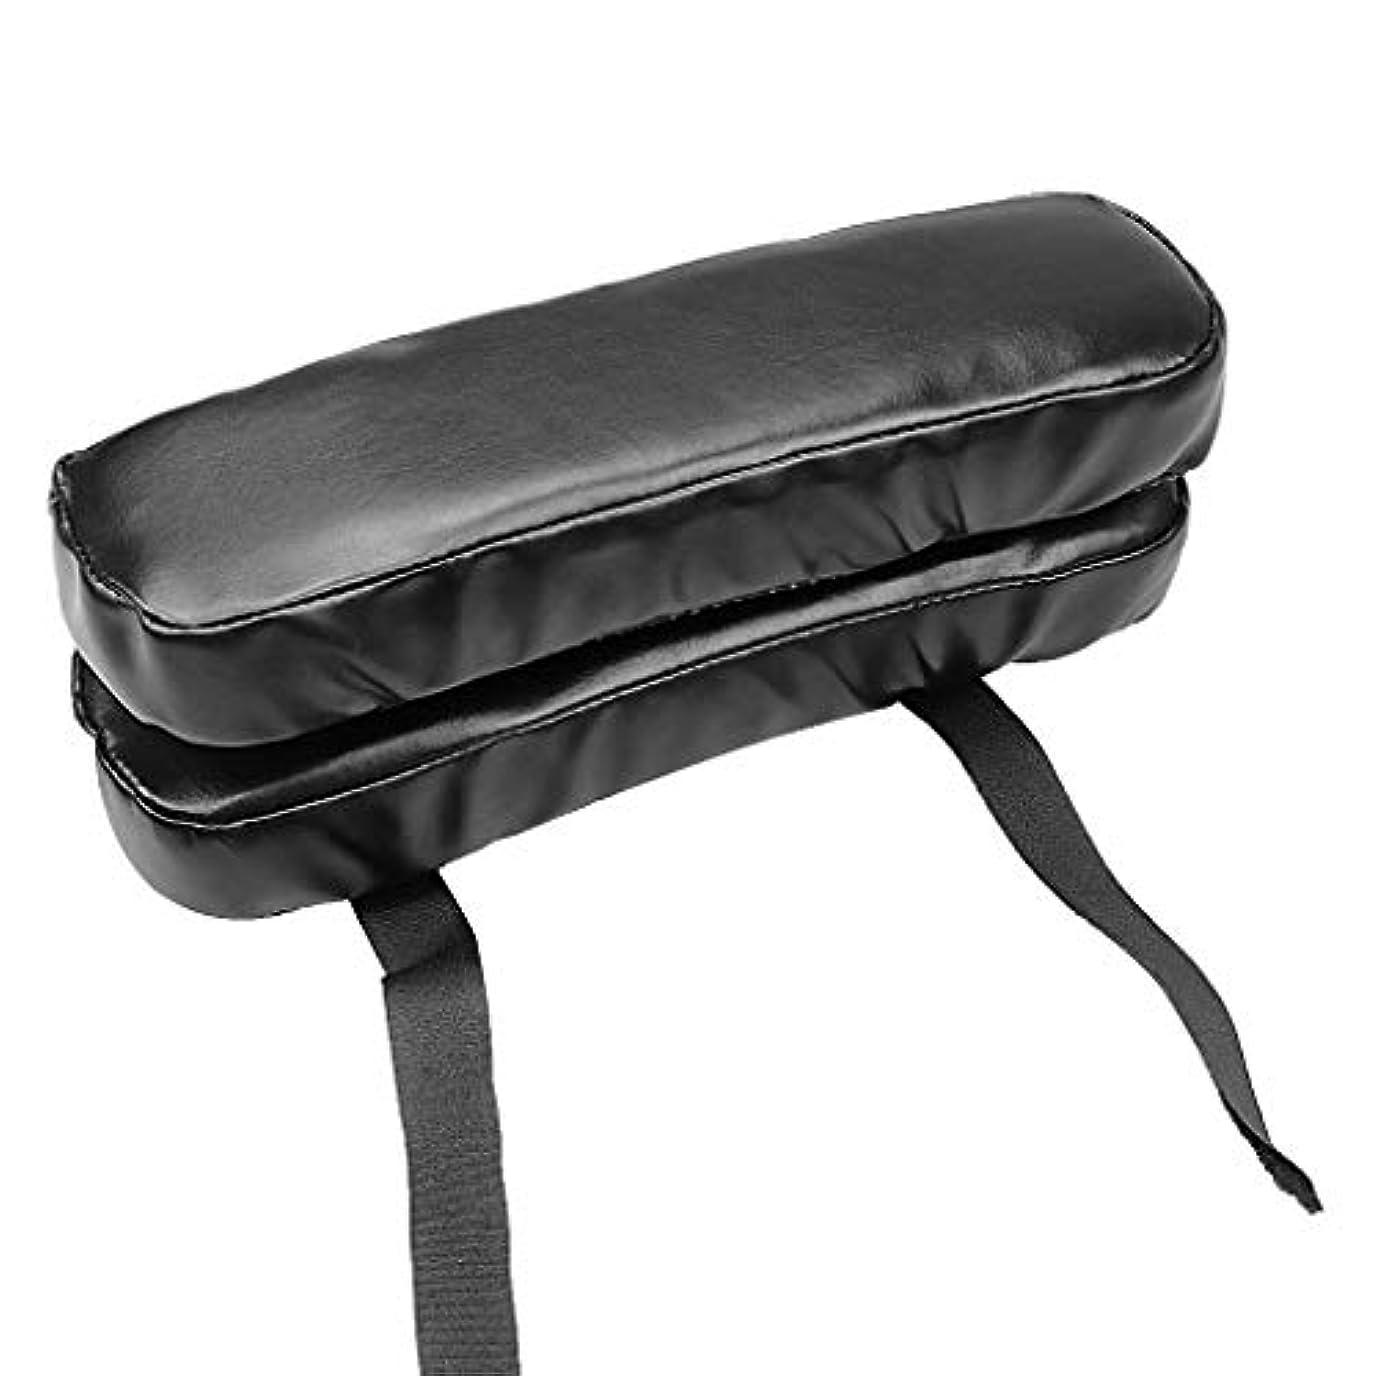 劣るわなめんどりLamdoo puレザーチェアアームレストパッドクッション低反発ソフト反発肘肘枕オフィス車の椅子